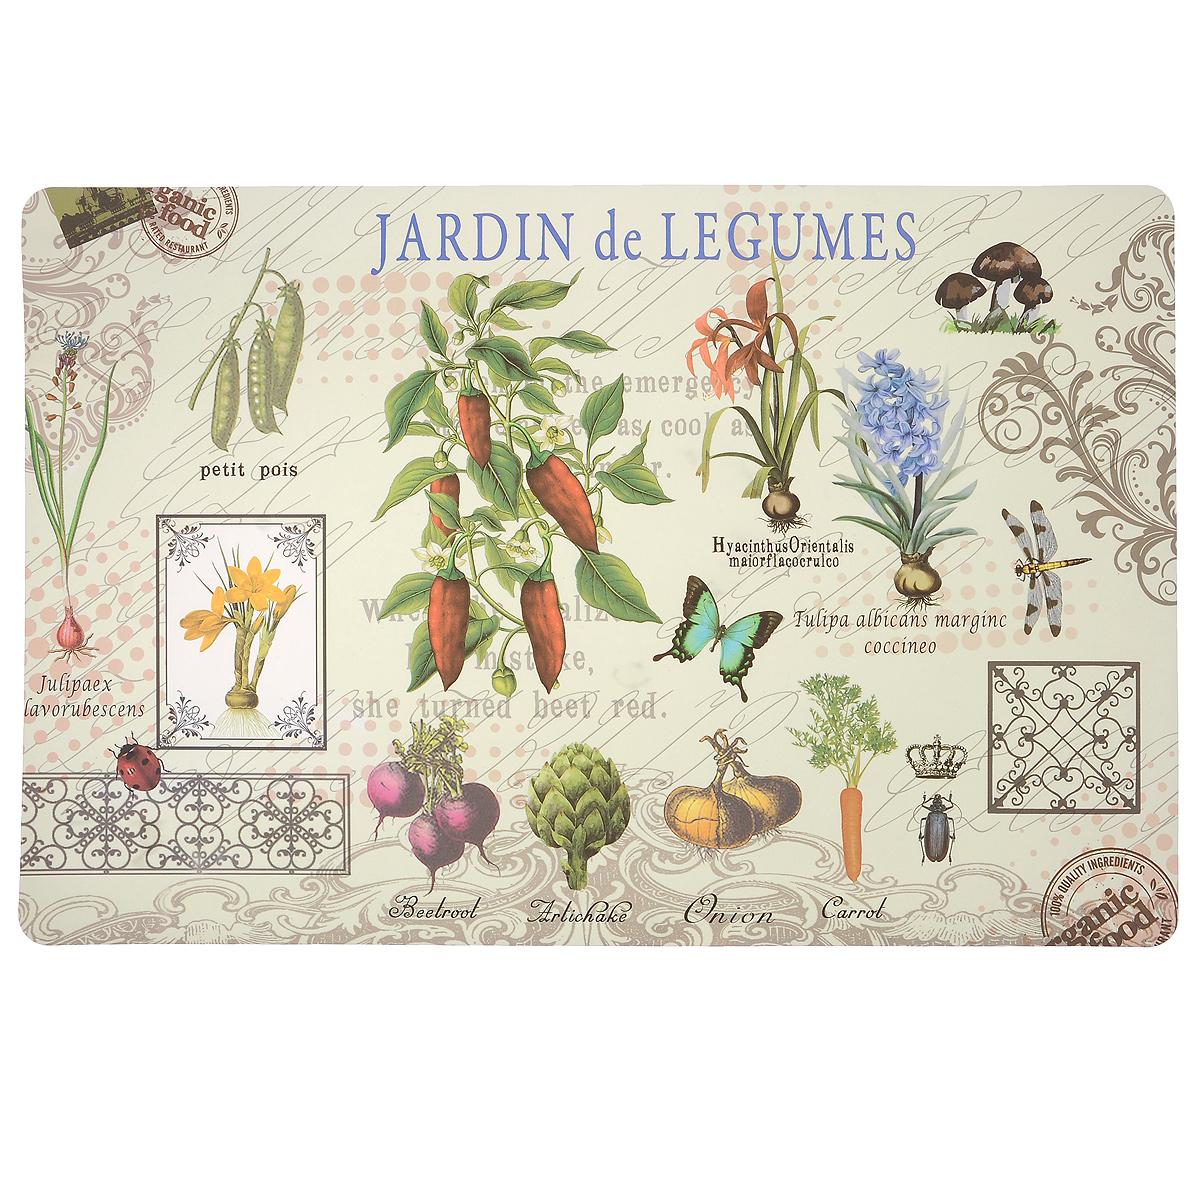 Подставка под горячее Hans & Gretchen Jardin de Legumes, 43,5 см х 28,5 см. 28HZ-907228HZ-9072Прямоугольная подставка под горячее Hans & Gretchen Jardin de Legumes выполнена из мягкого пластика. Изделие, украшенное красочным изображением, идеально впишется в интерьер современной кухни. Подставка не боится высоких температур и легко чистится от пятен и жира. Каждая хозяйка знает, что подставка под горячее - это незаменимый и очень полезный аксессуар на каждой кухне. Ваш стол будет не только украшен оригинальной подставкой с красивым рисунком, но и сбережен от воздействия высоких температур ваших кулинарных шедевров. Размер подставки: 43,5 см х 28,5 см.